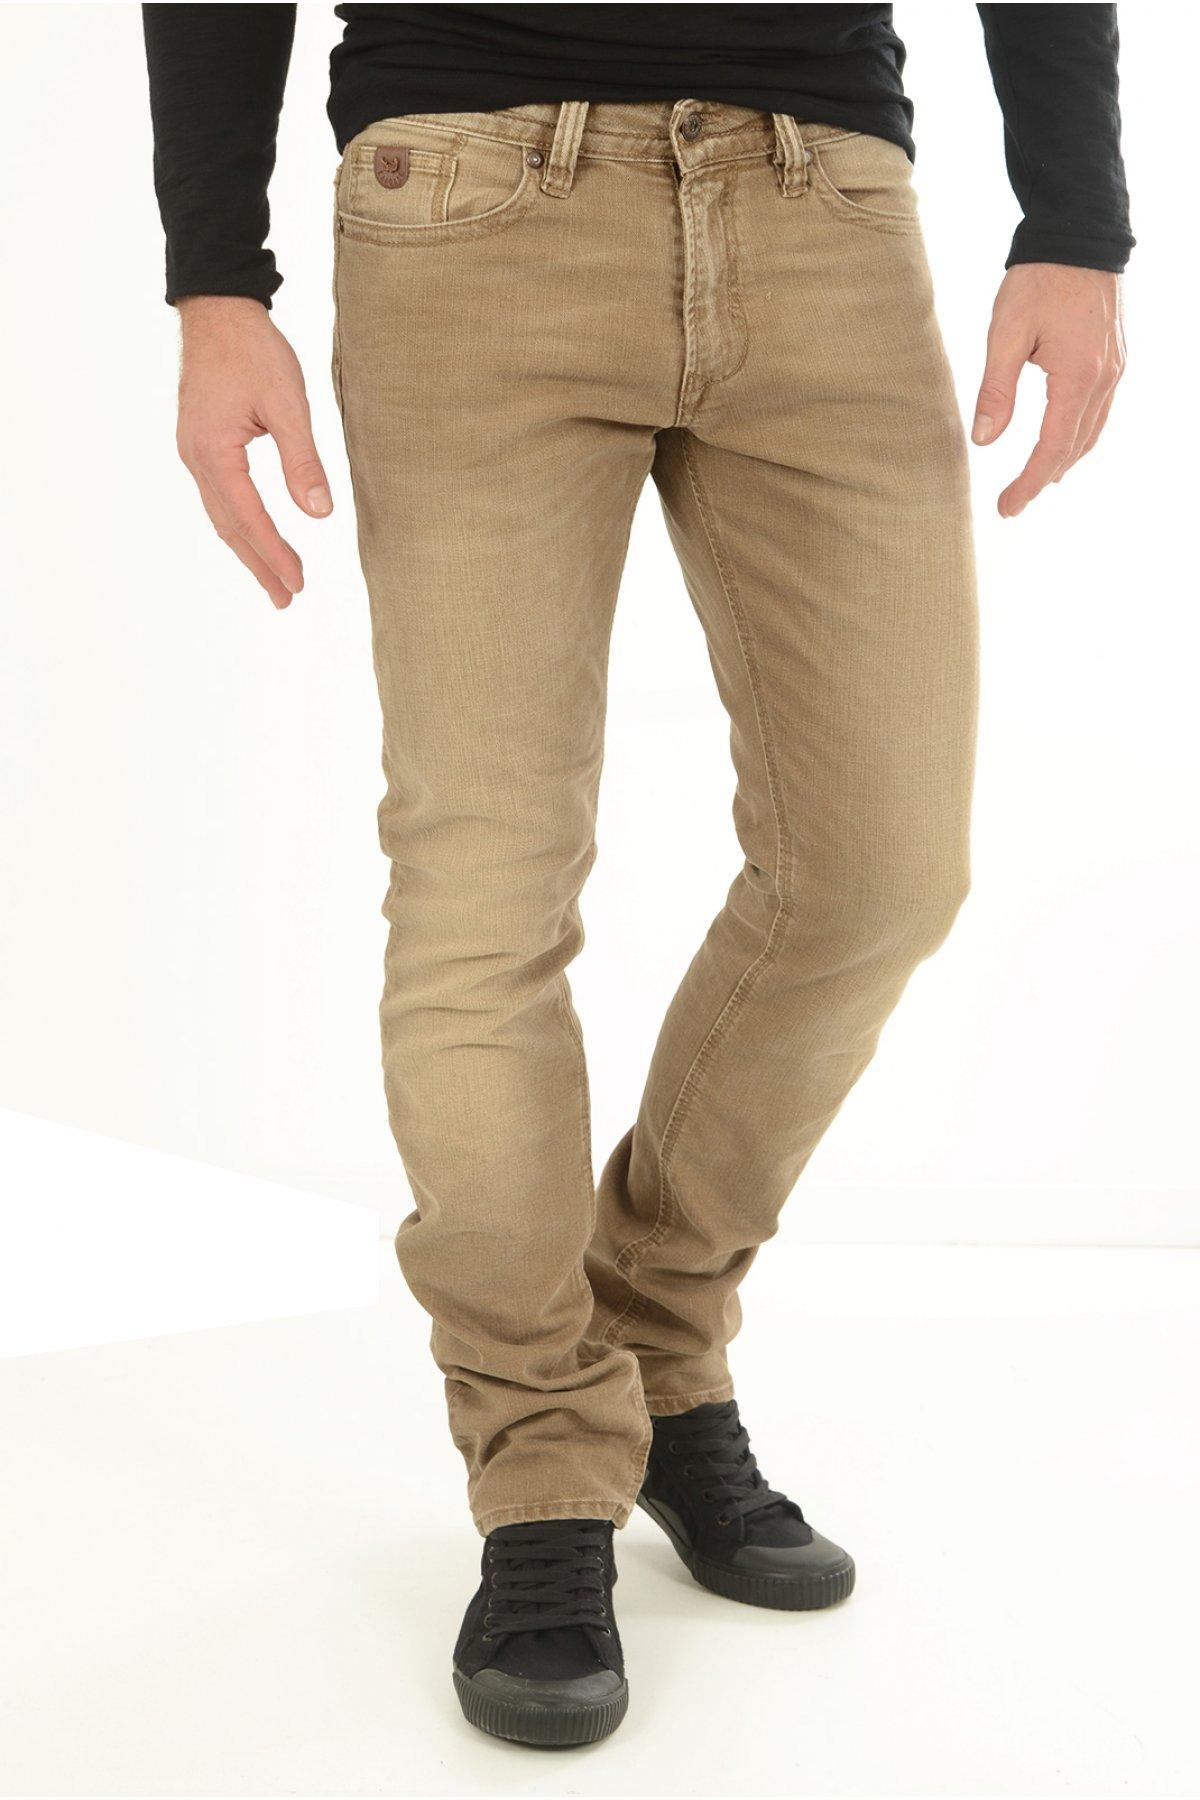 jeans kaporal 5 homme taille basse achat vente de jean kaporal 5 pas cher chez j d. Black Bedroom Furniture Sets. Home Design Ideas